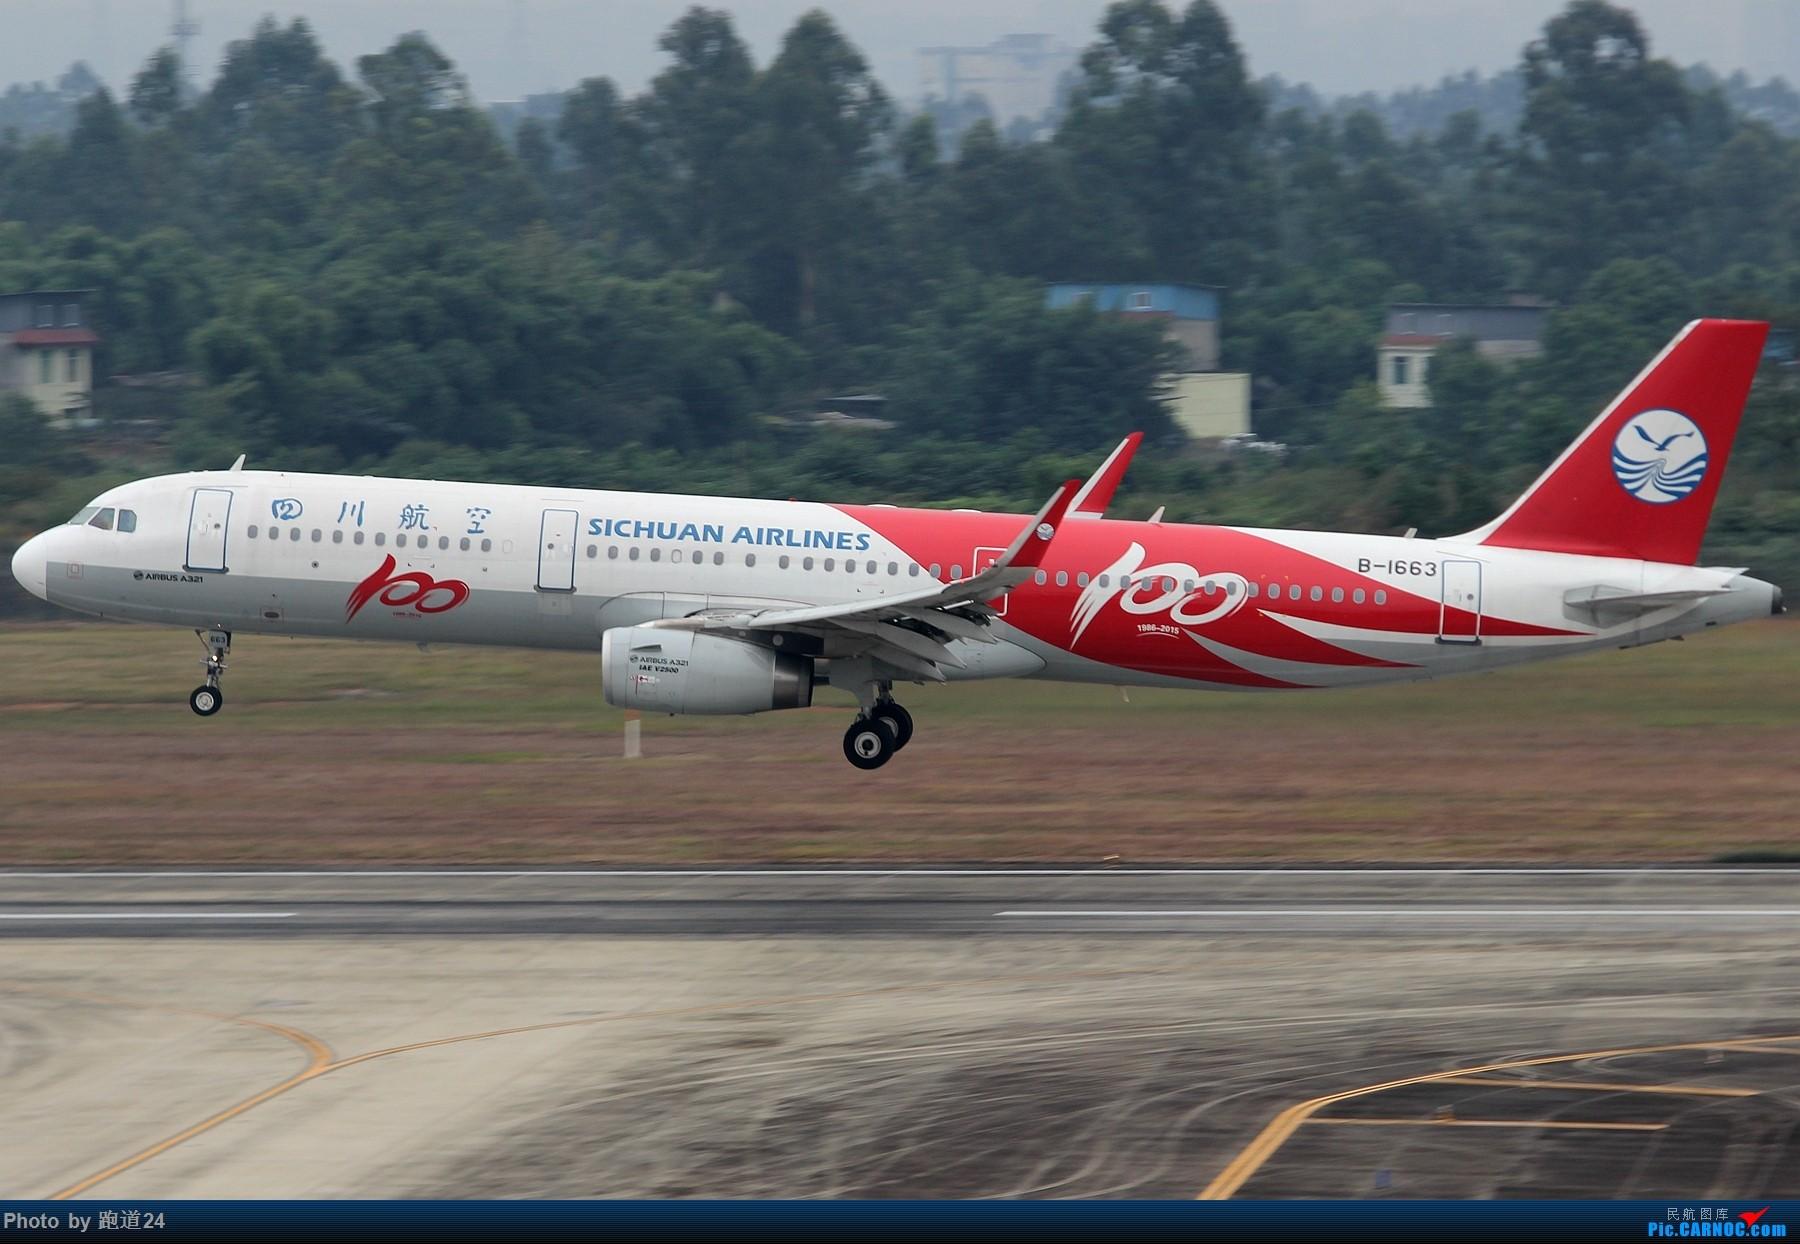 Re:[原创][原创]【多图党】国庆烂天10.7拍机 1800*1200 AIRBUS A321-200 B-1663 中国成都双流国际机场